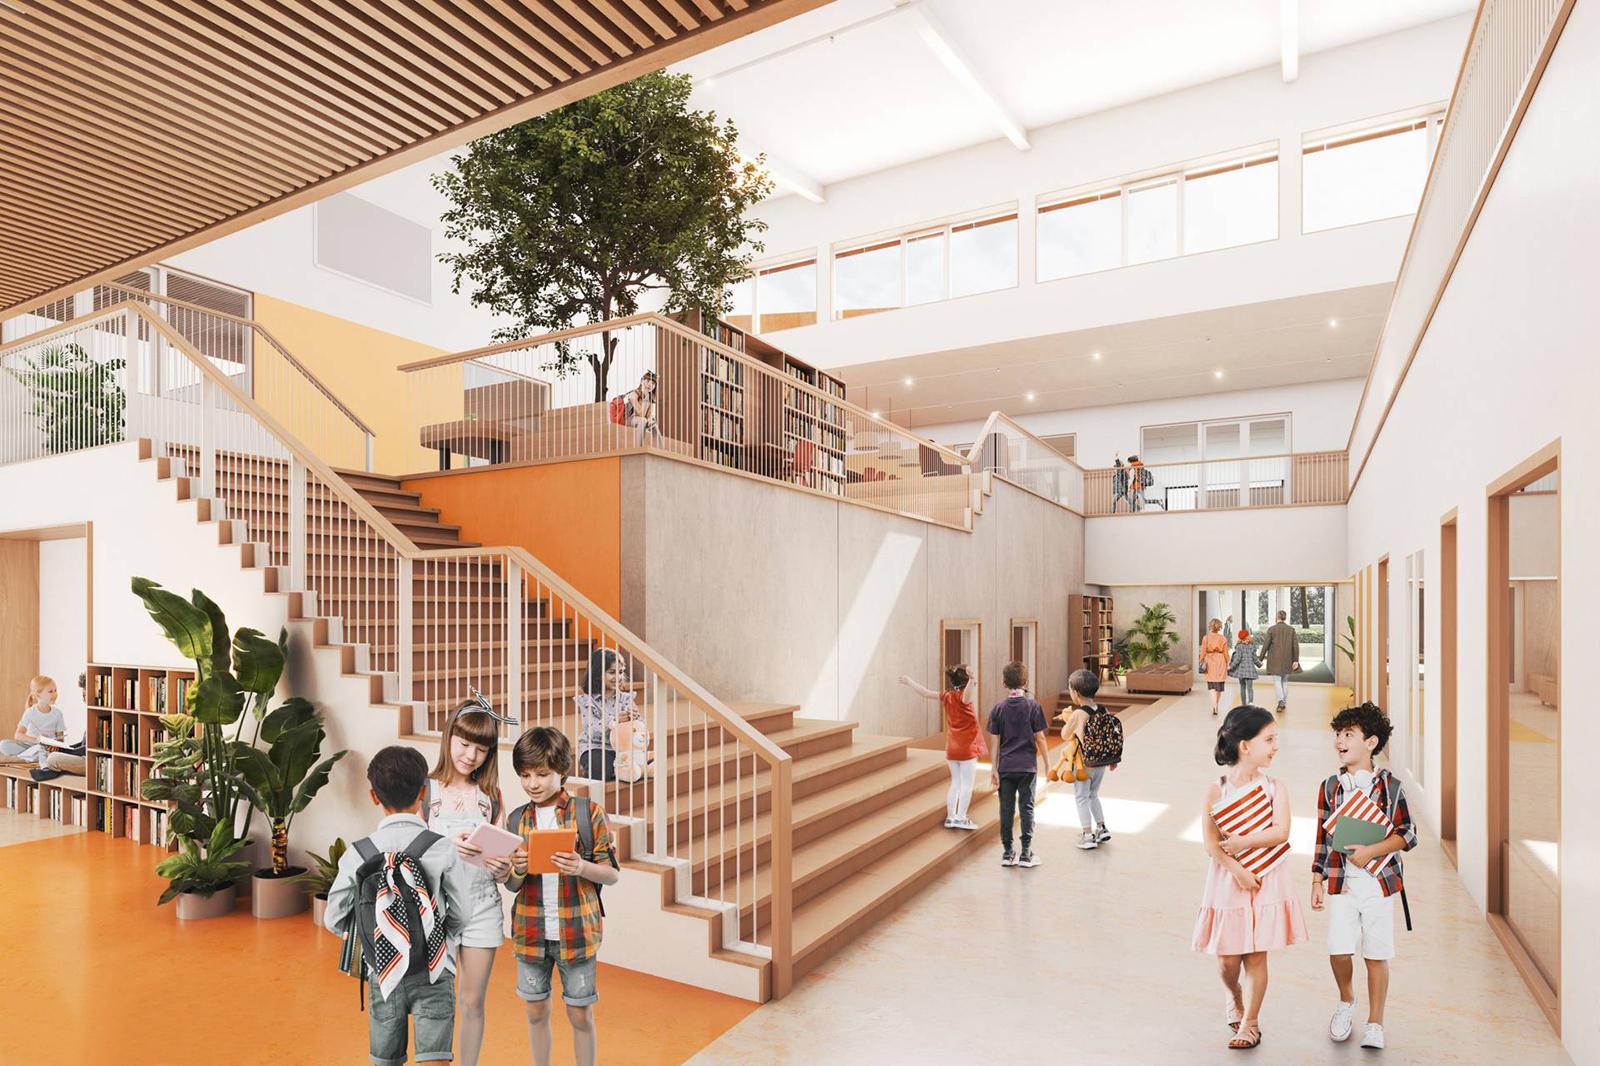 StM-AMA-Kindcentrum-De-Samenstroom-render-middenzone